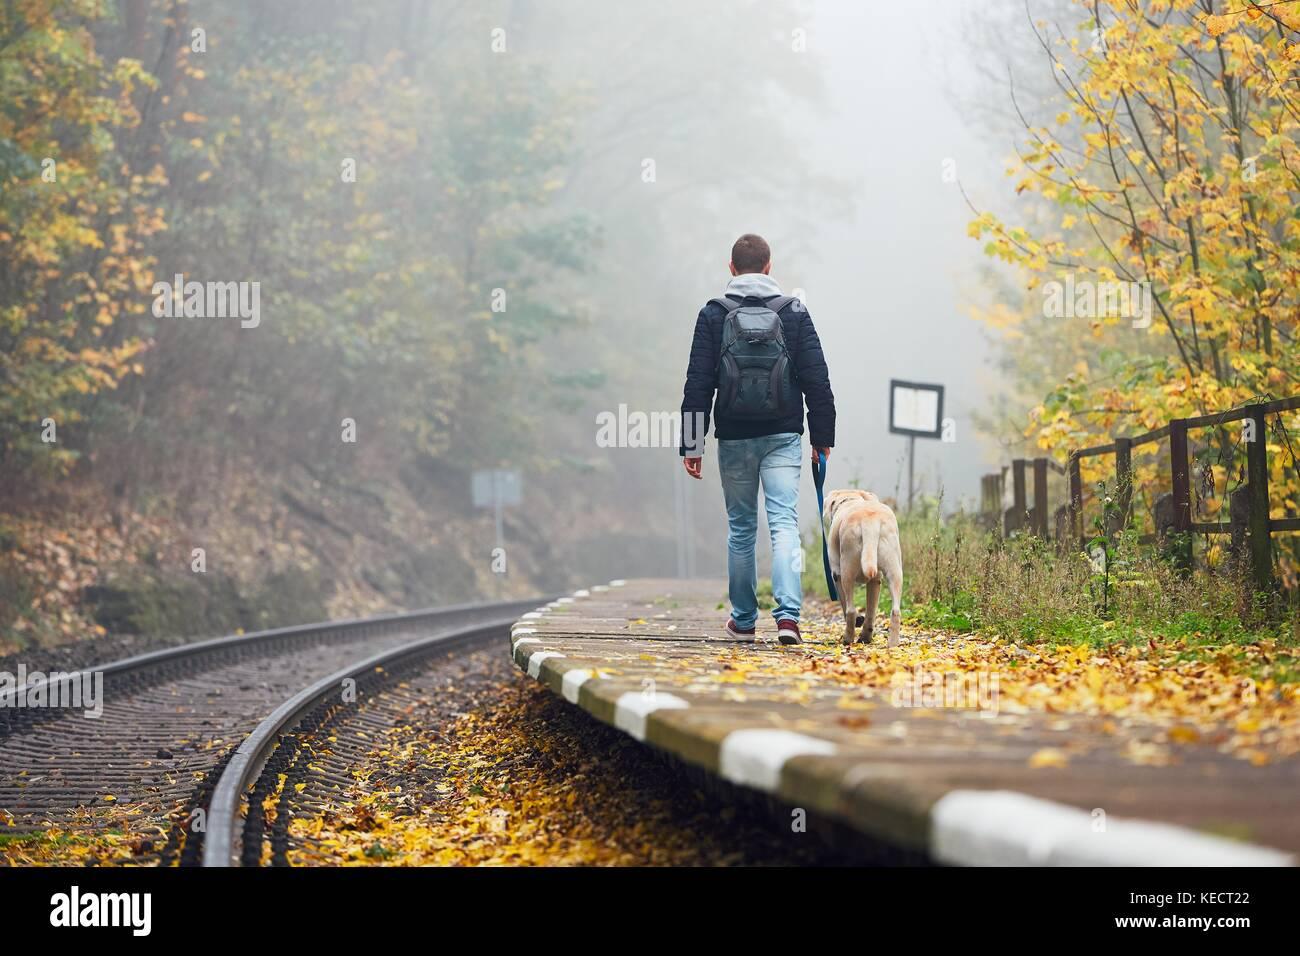 Ancienne gare ferroviaire de l'humeur d'automne dans le brouillard. sur le voyage. jeune homme qui voyage Photo Stock